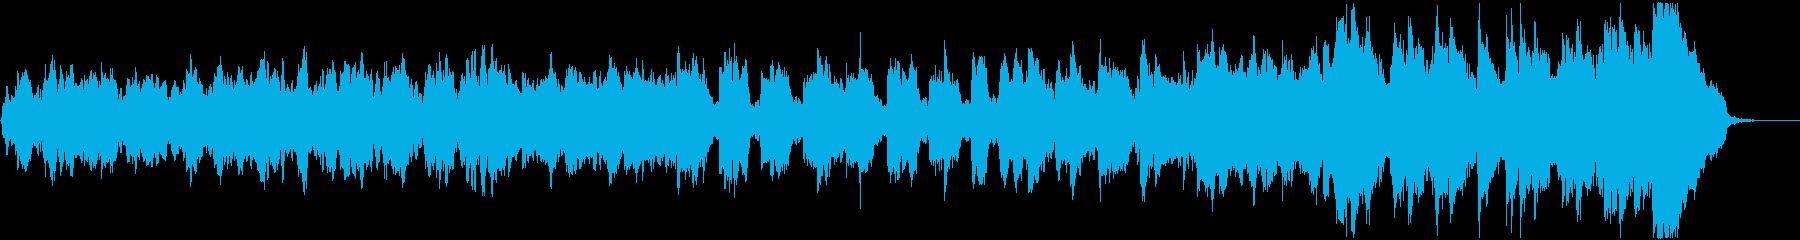 ホルスト 組曲「惑星」より木星の再生済みの波形